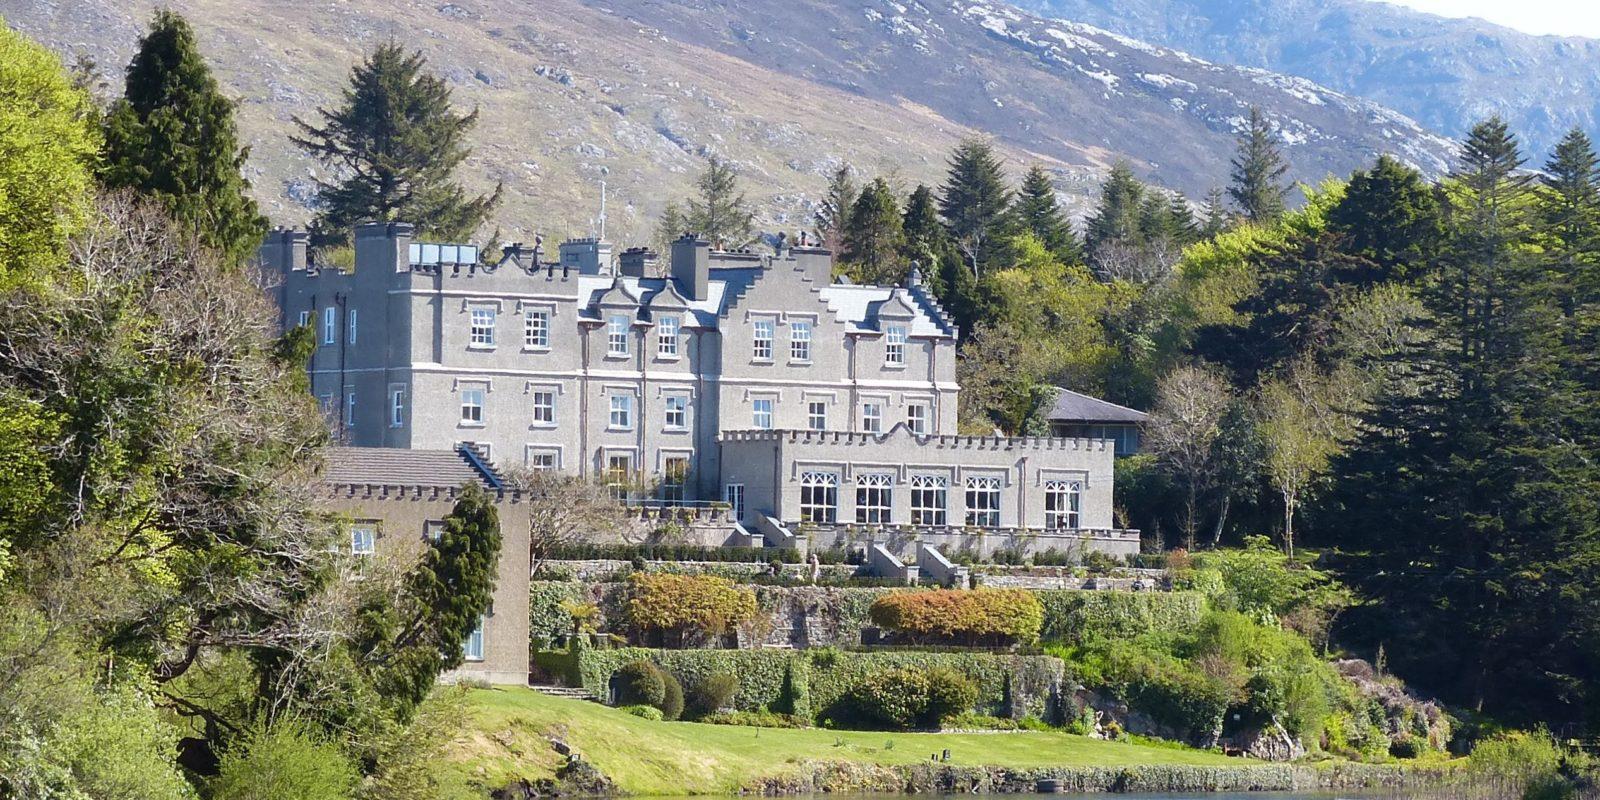 Balynahinch Castle Hotel